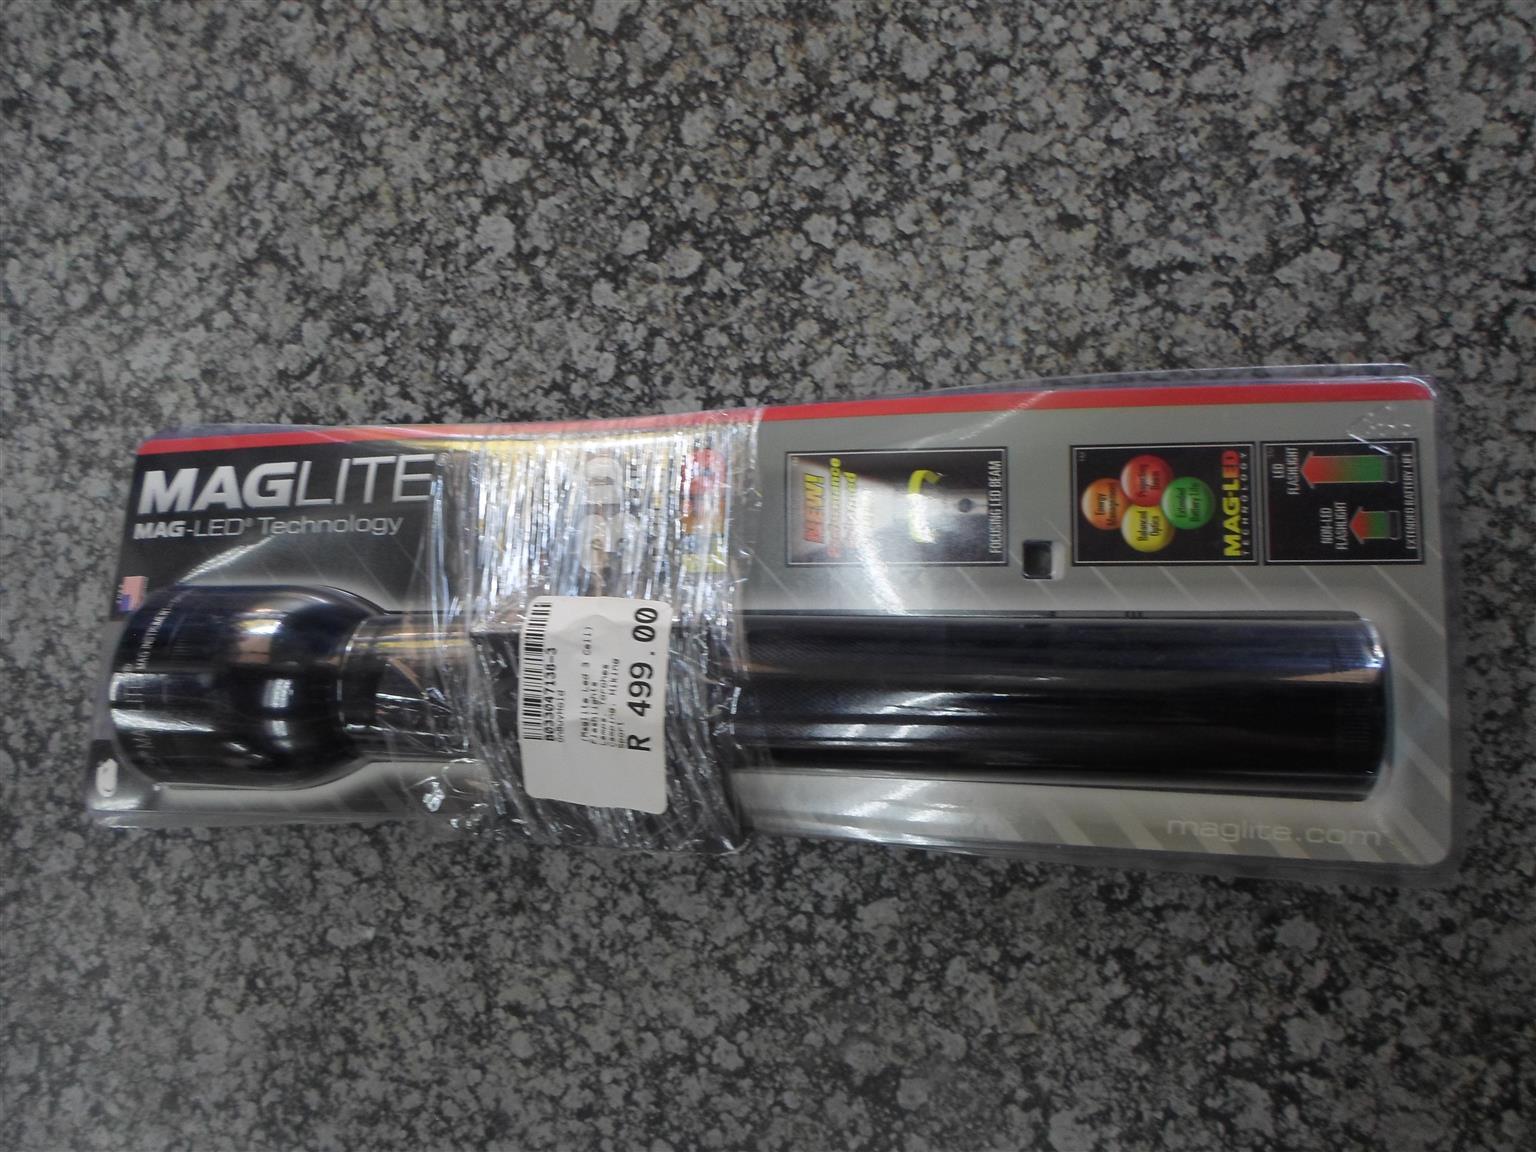 MAG Light Technology 3D Flash Light